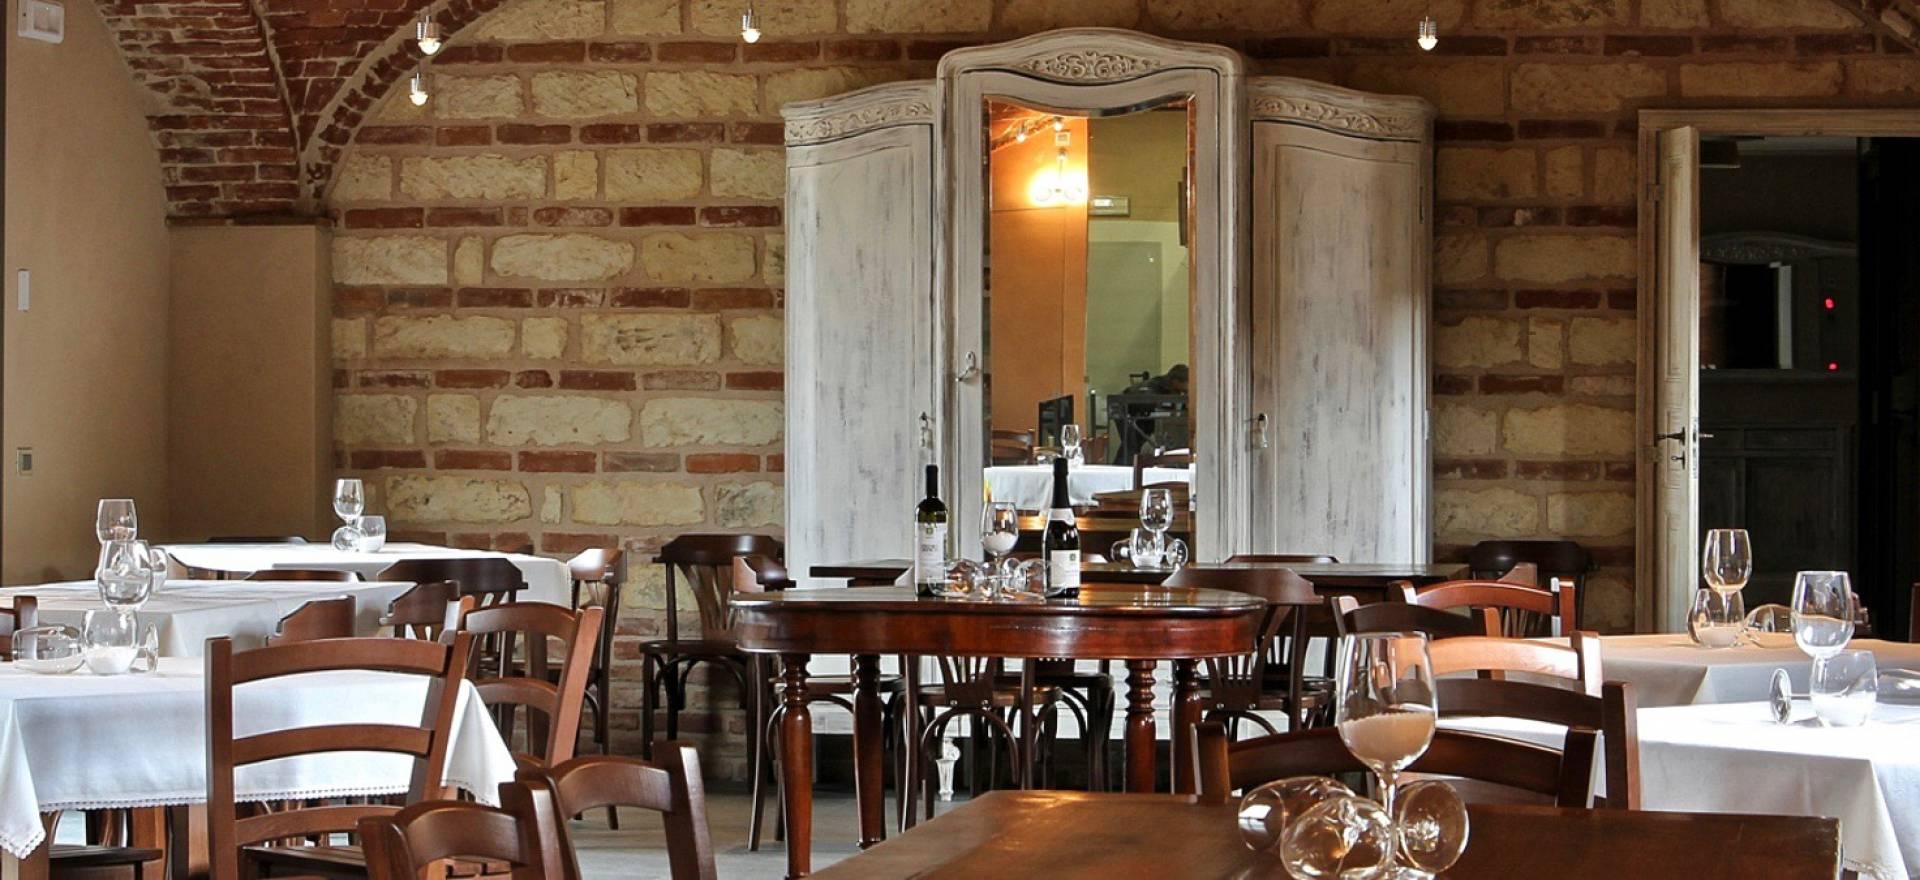 Agriturismo Piemonte, voor liefhebbers van wijn en lekker eten